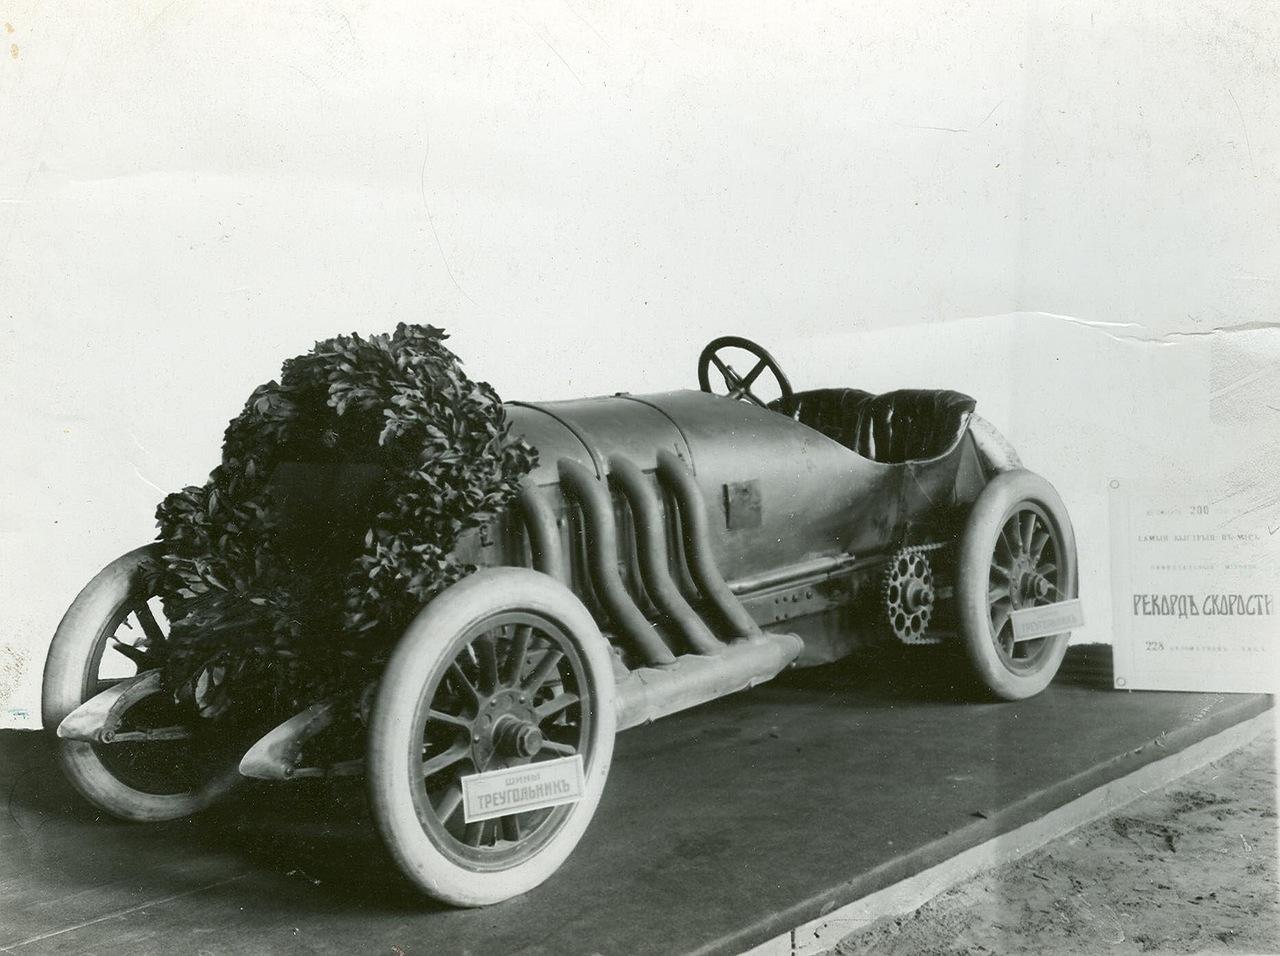 0_a9430_511ede52_XXXLАвтомобиль фирмы Бенц увенчаный лавровым венком (сбоку таблица с надписью  автомобиль 200 лошадиных сил , самый быстрый в мире ) - экспонат выставки.